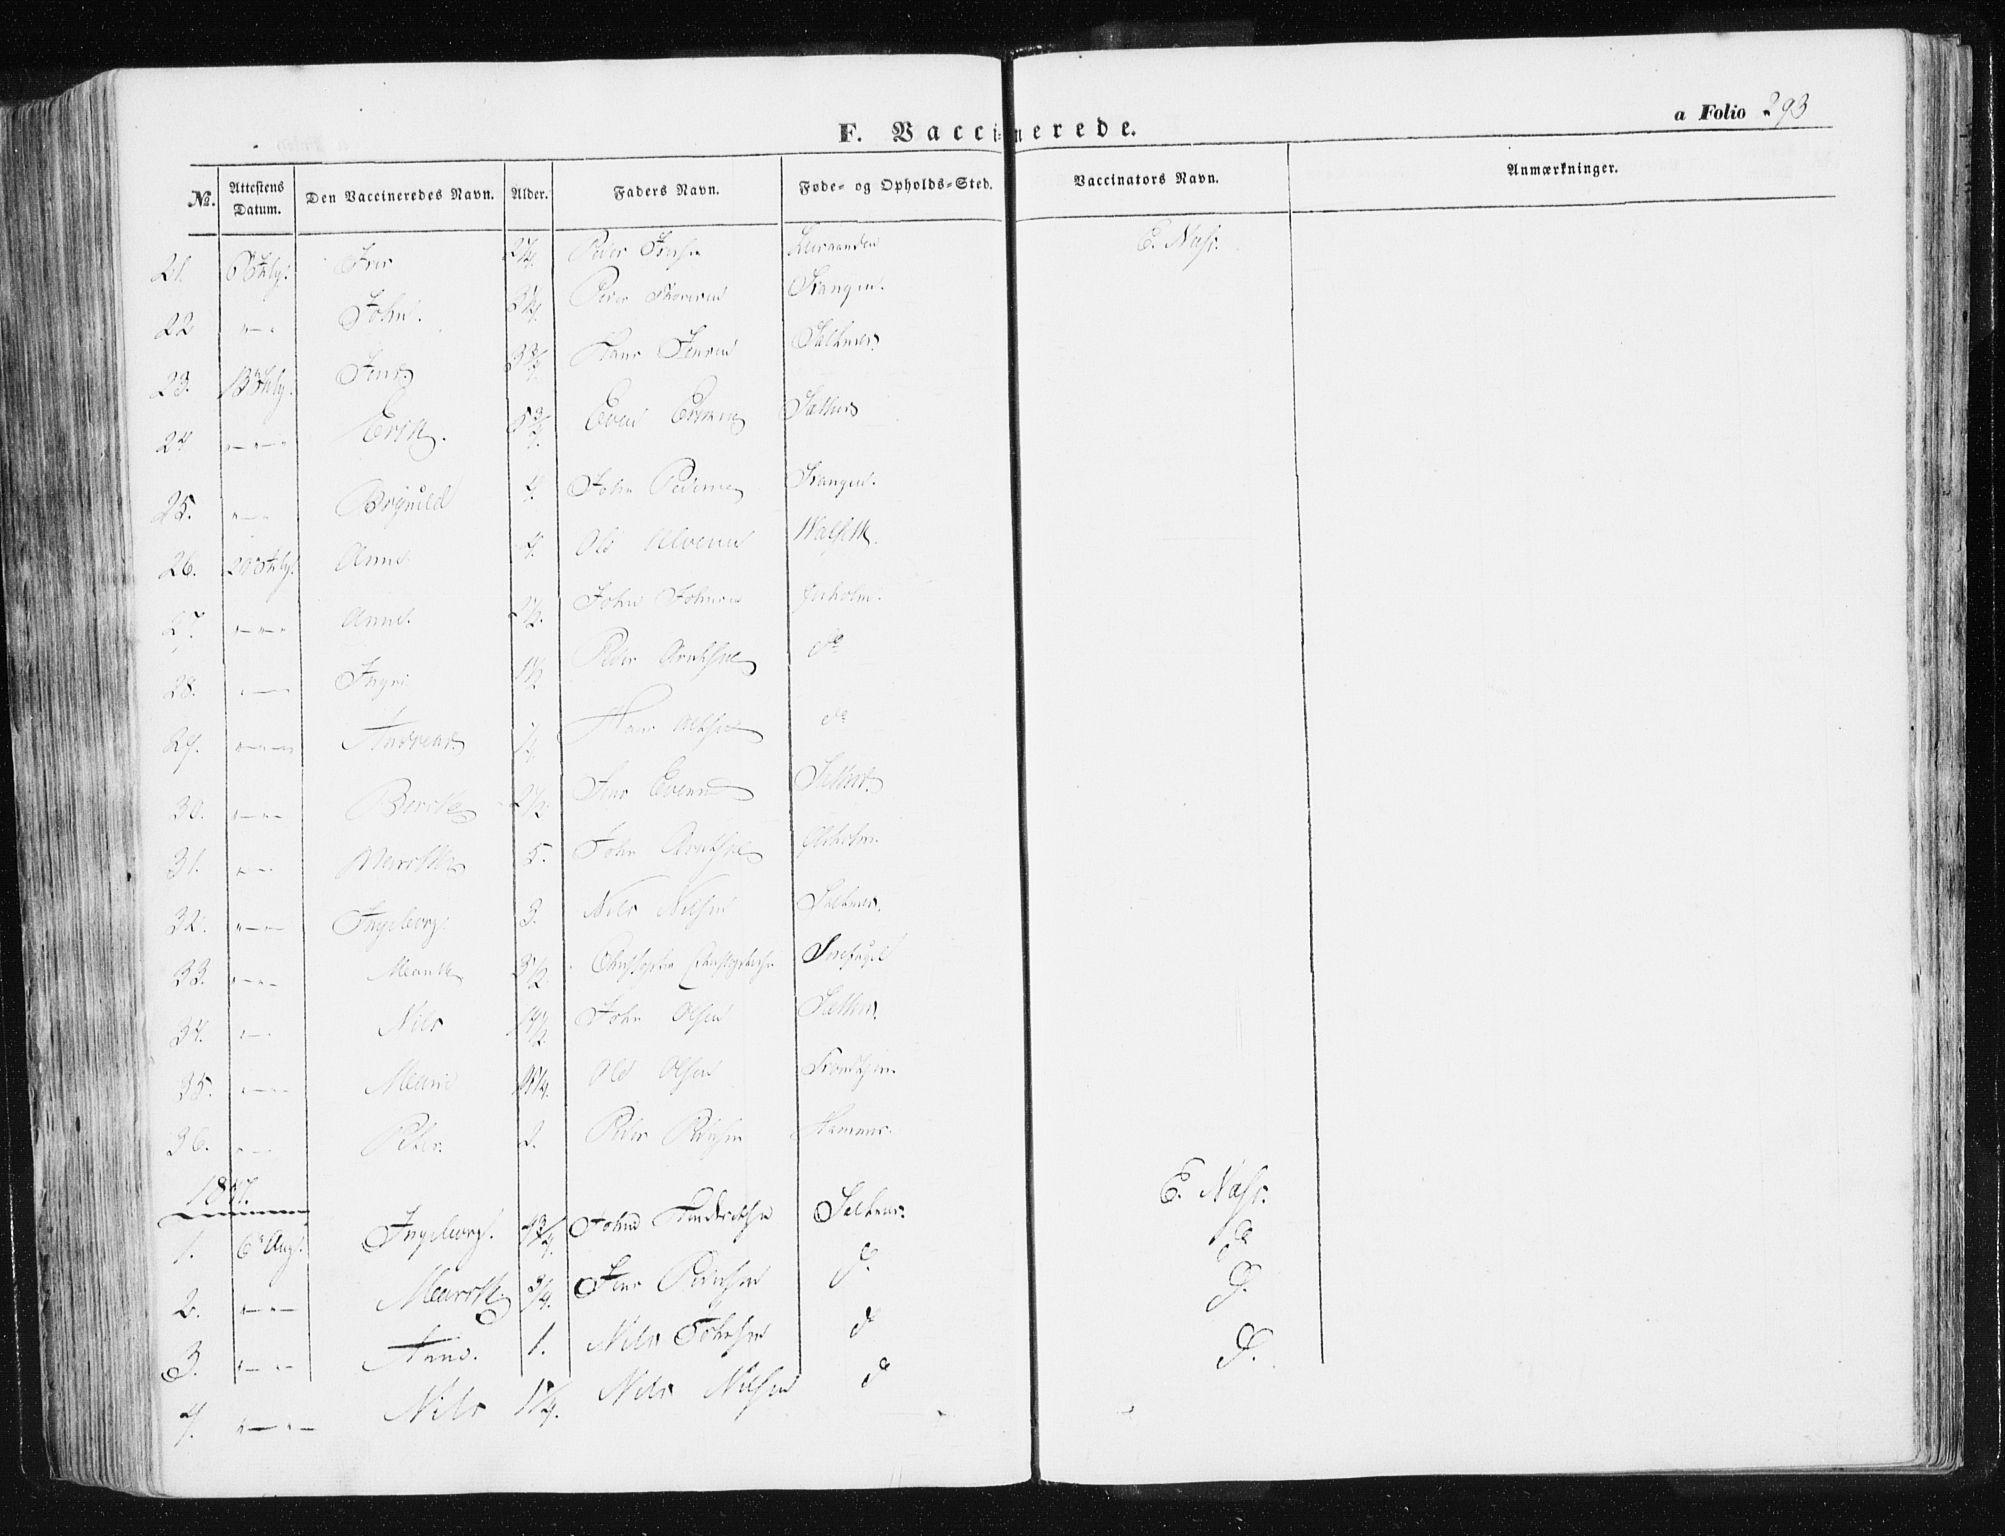 SAT, Ministerialprotokoller, klokkerbøker og fødselsregistre - Sør-Trøndelag, 612/L0376: Ministerialbok nr. 612A08, 1846-1859, s. 293